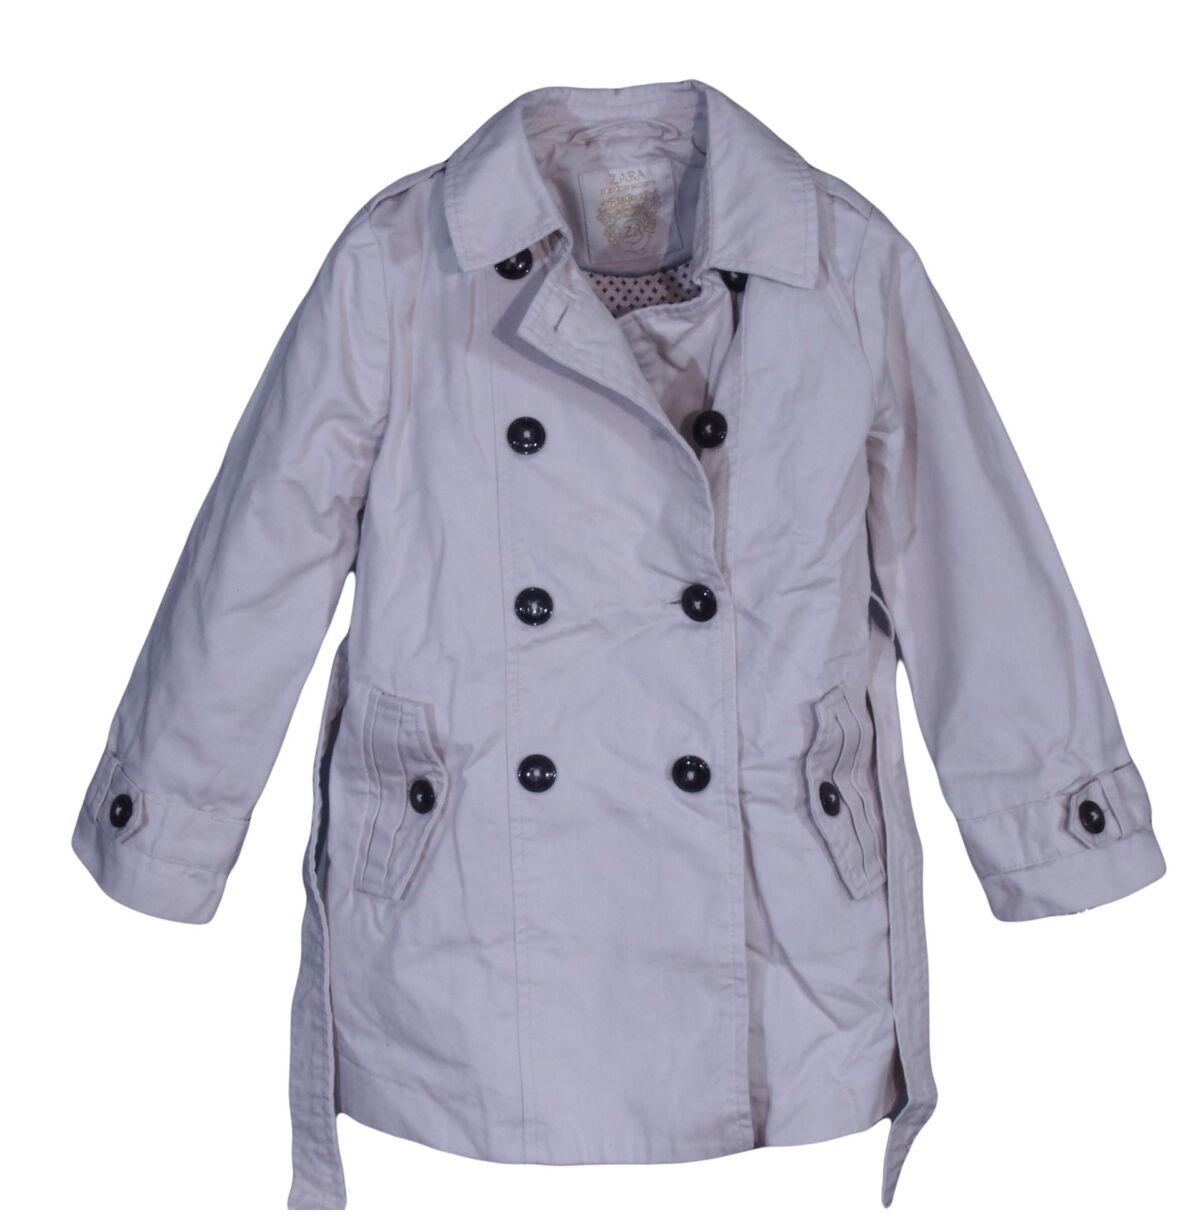 30c1bc3d1c Használt ruha / Outlet szűrése: TIPUS: Kabát/ Dzseki